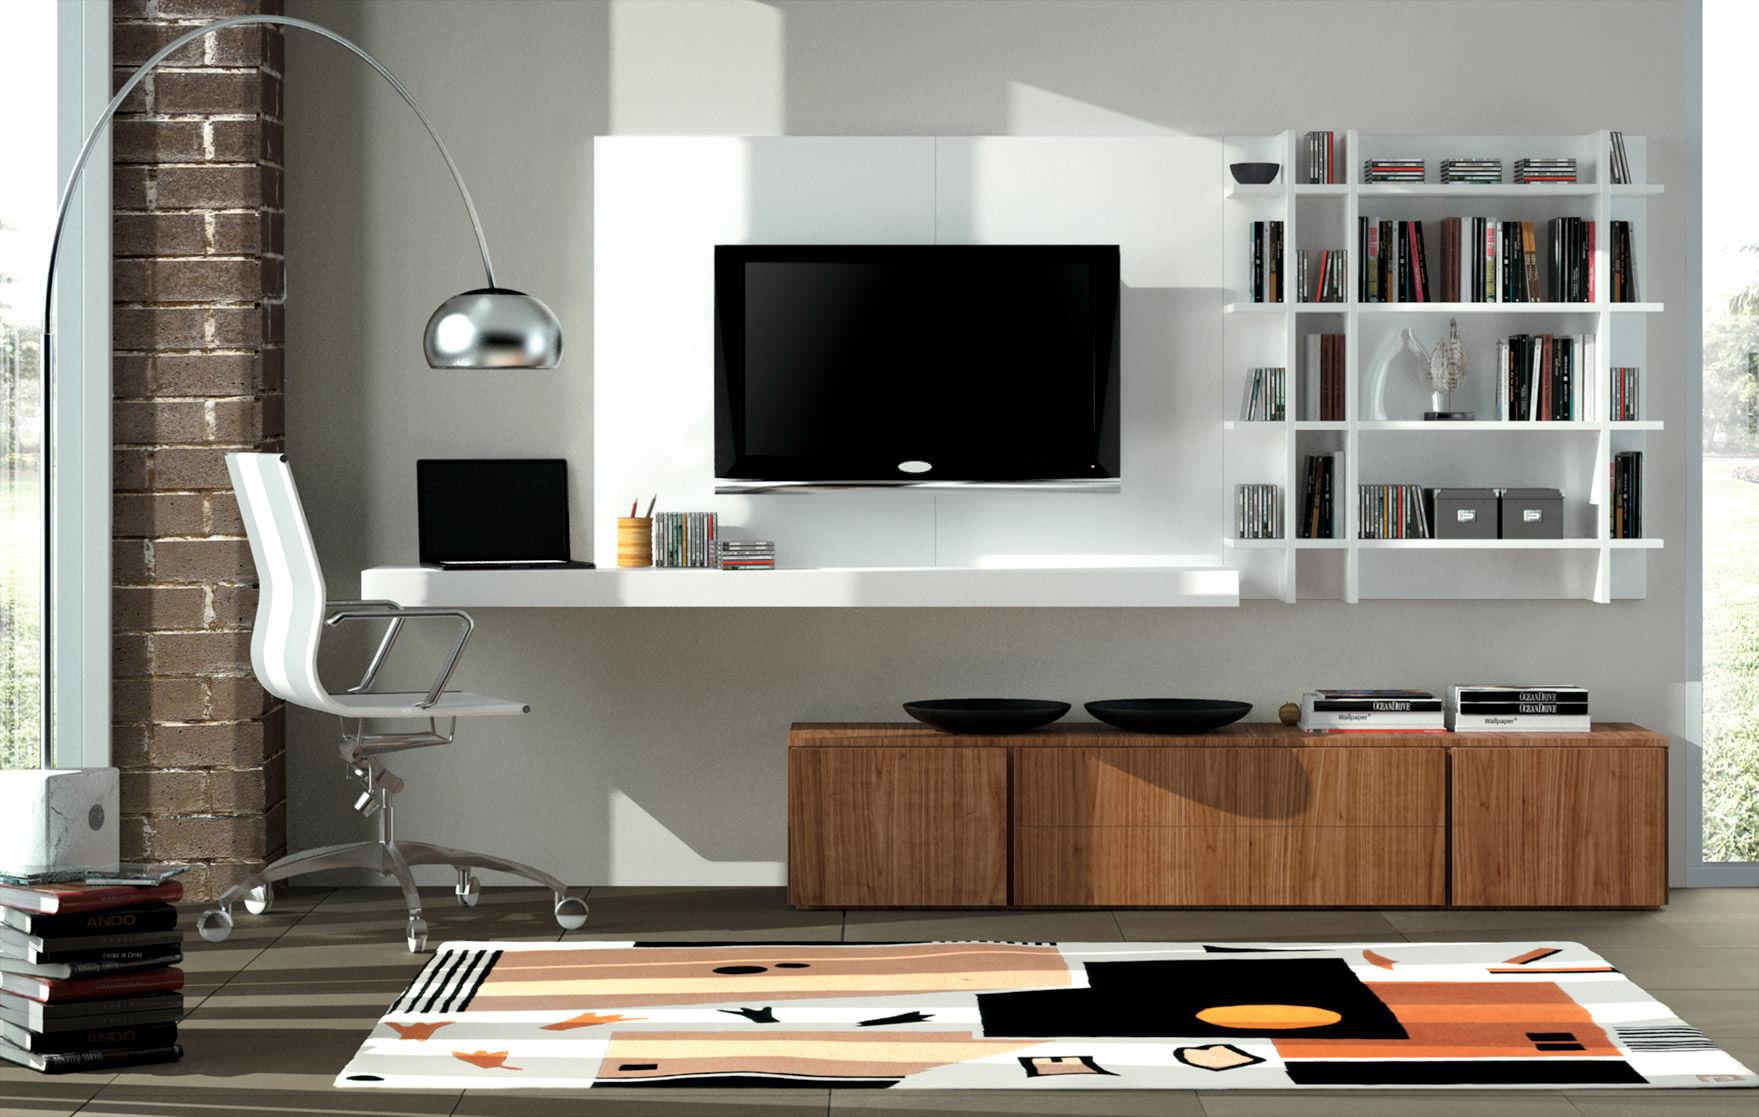 Trucos y consejos para decorar un apartamento peque o for Ideas para decorar un apartamento moderno